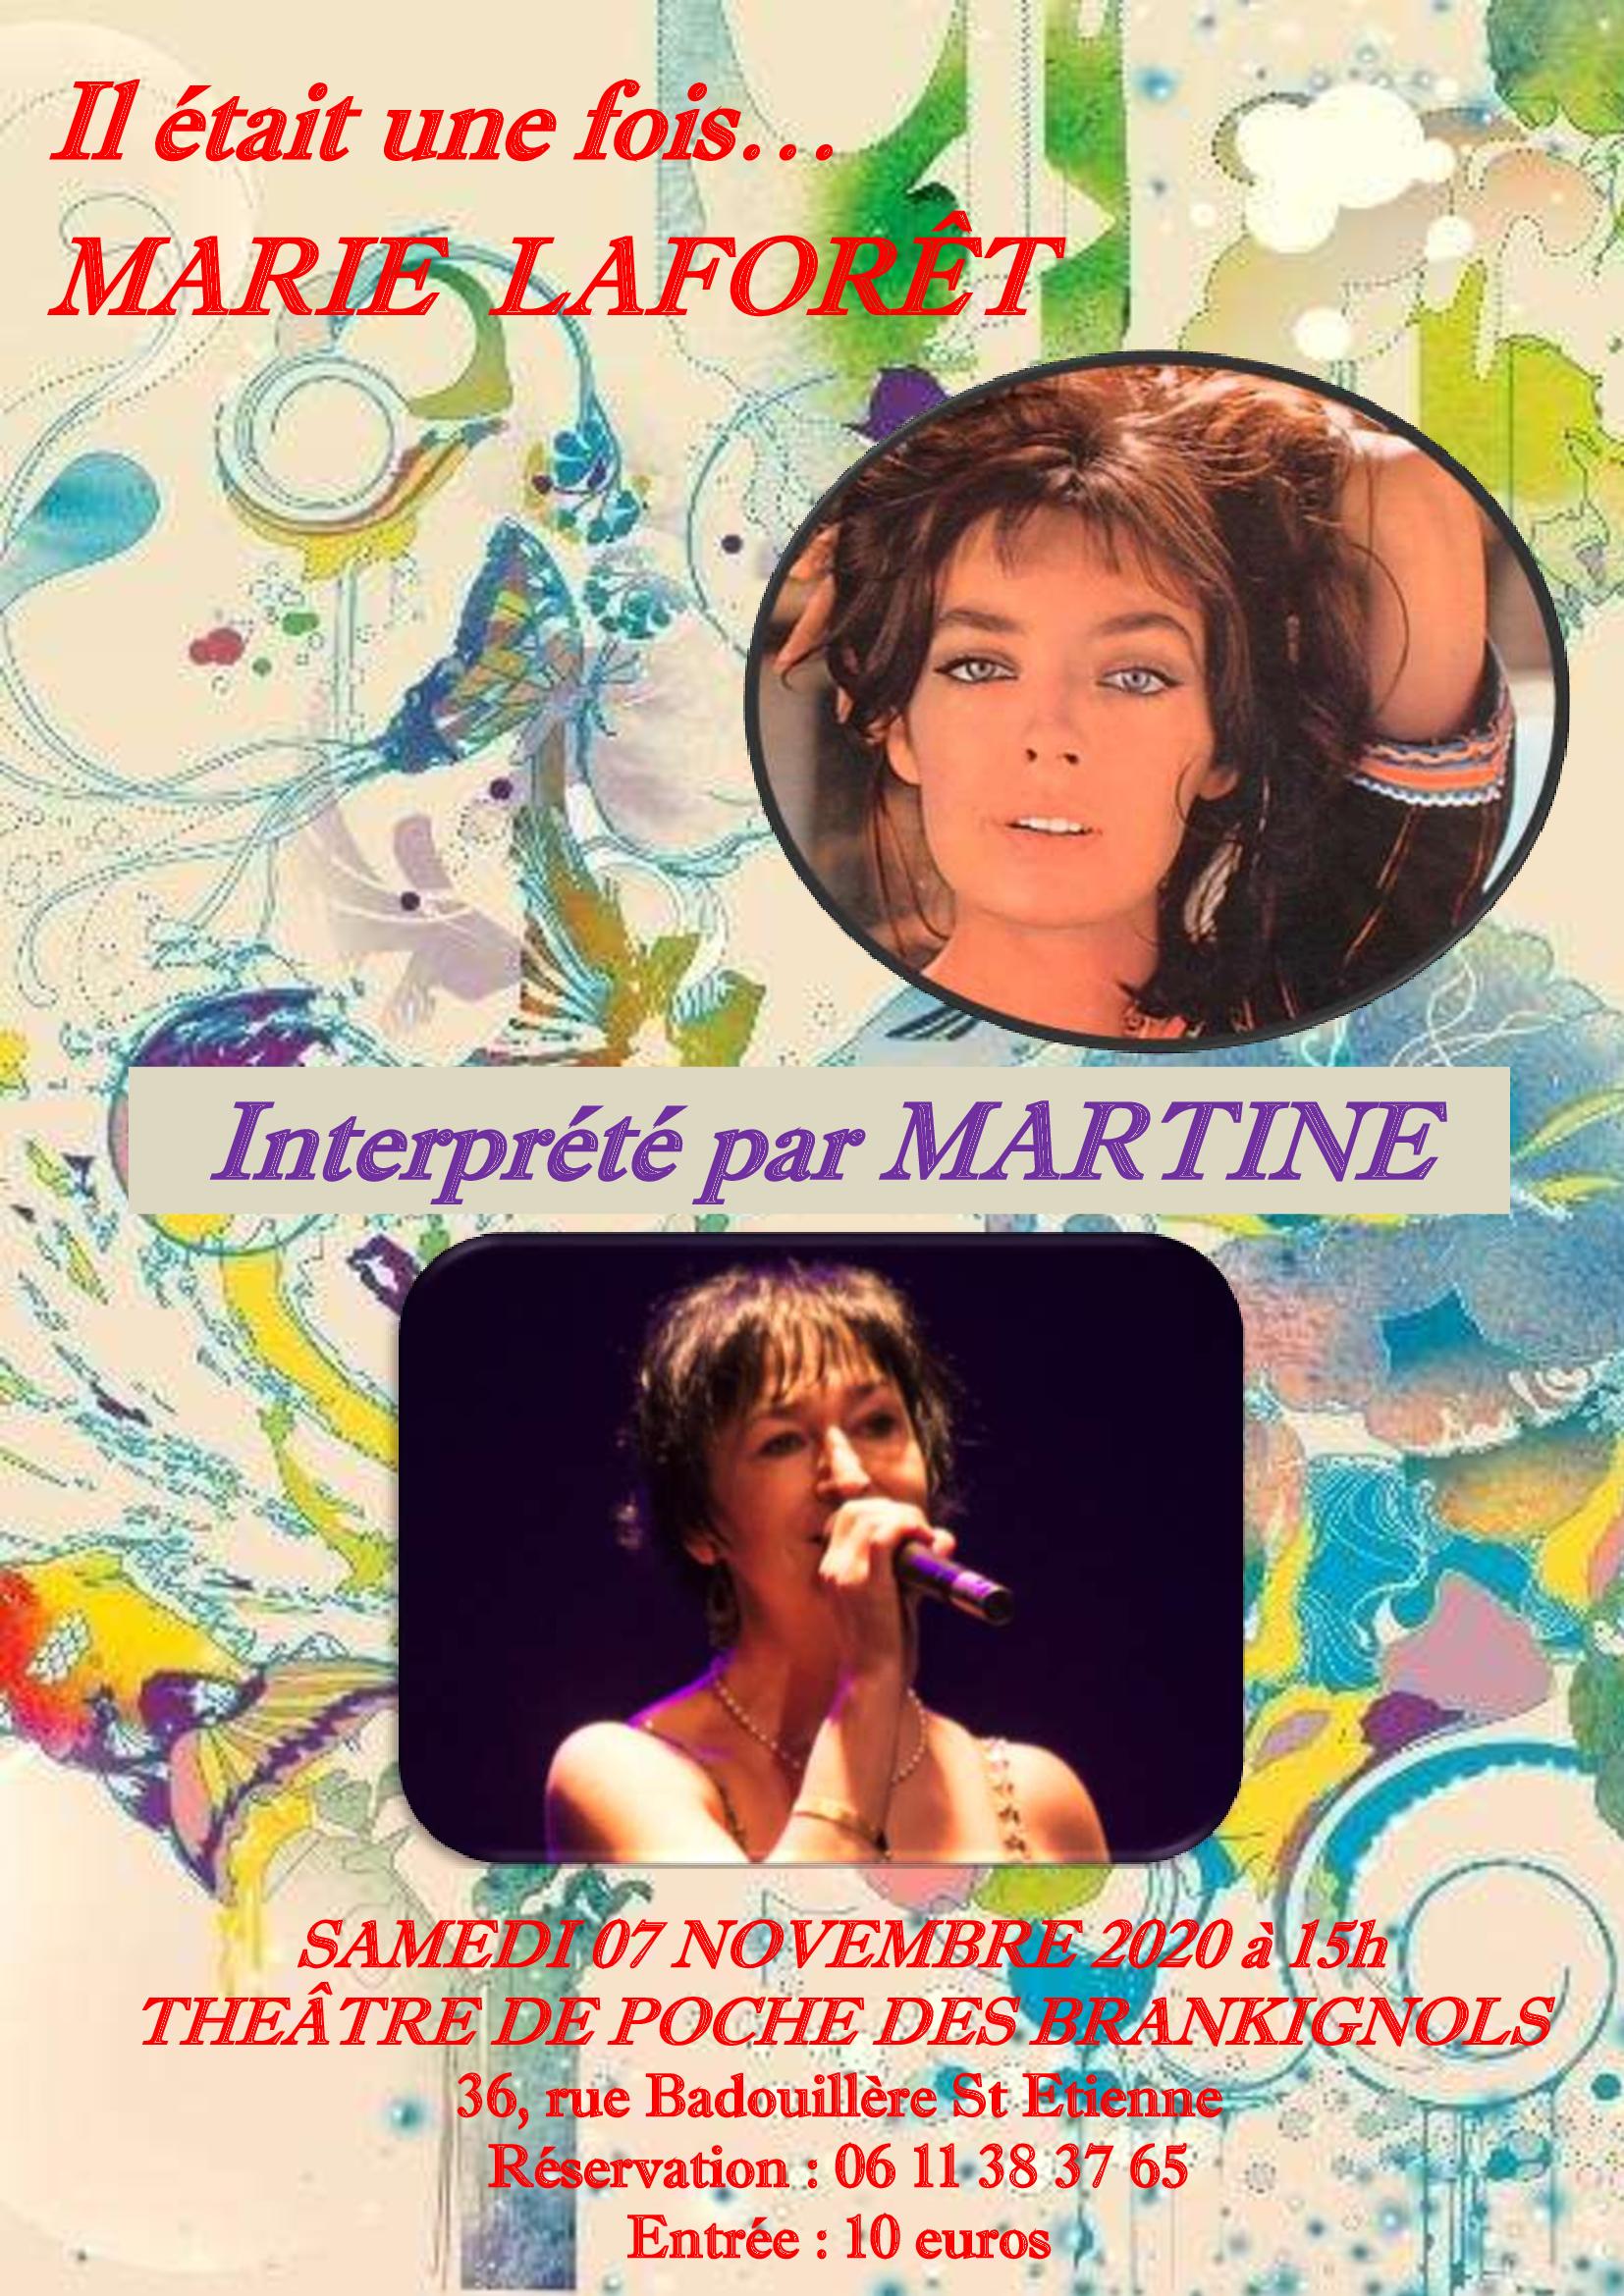 Affiche du spectacle Il était une fois Marie Laforêt